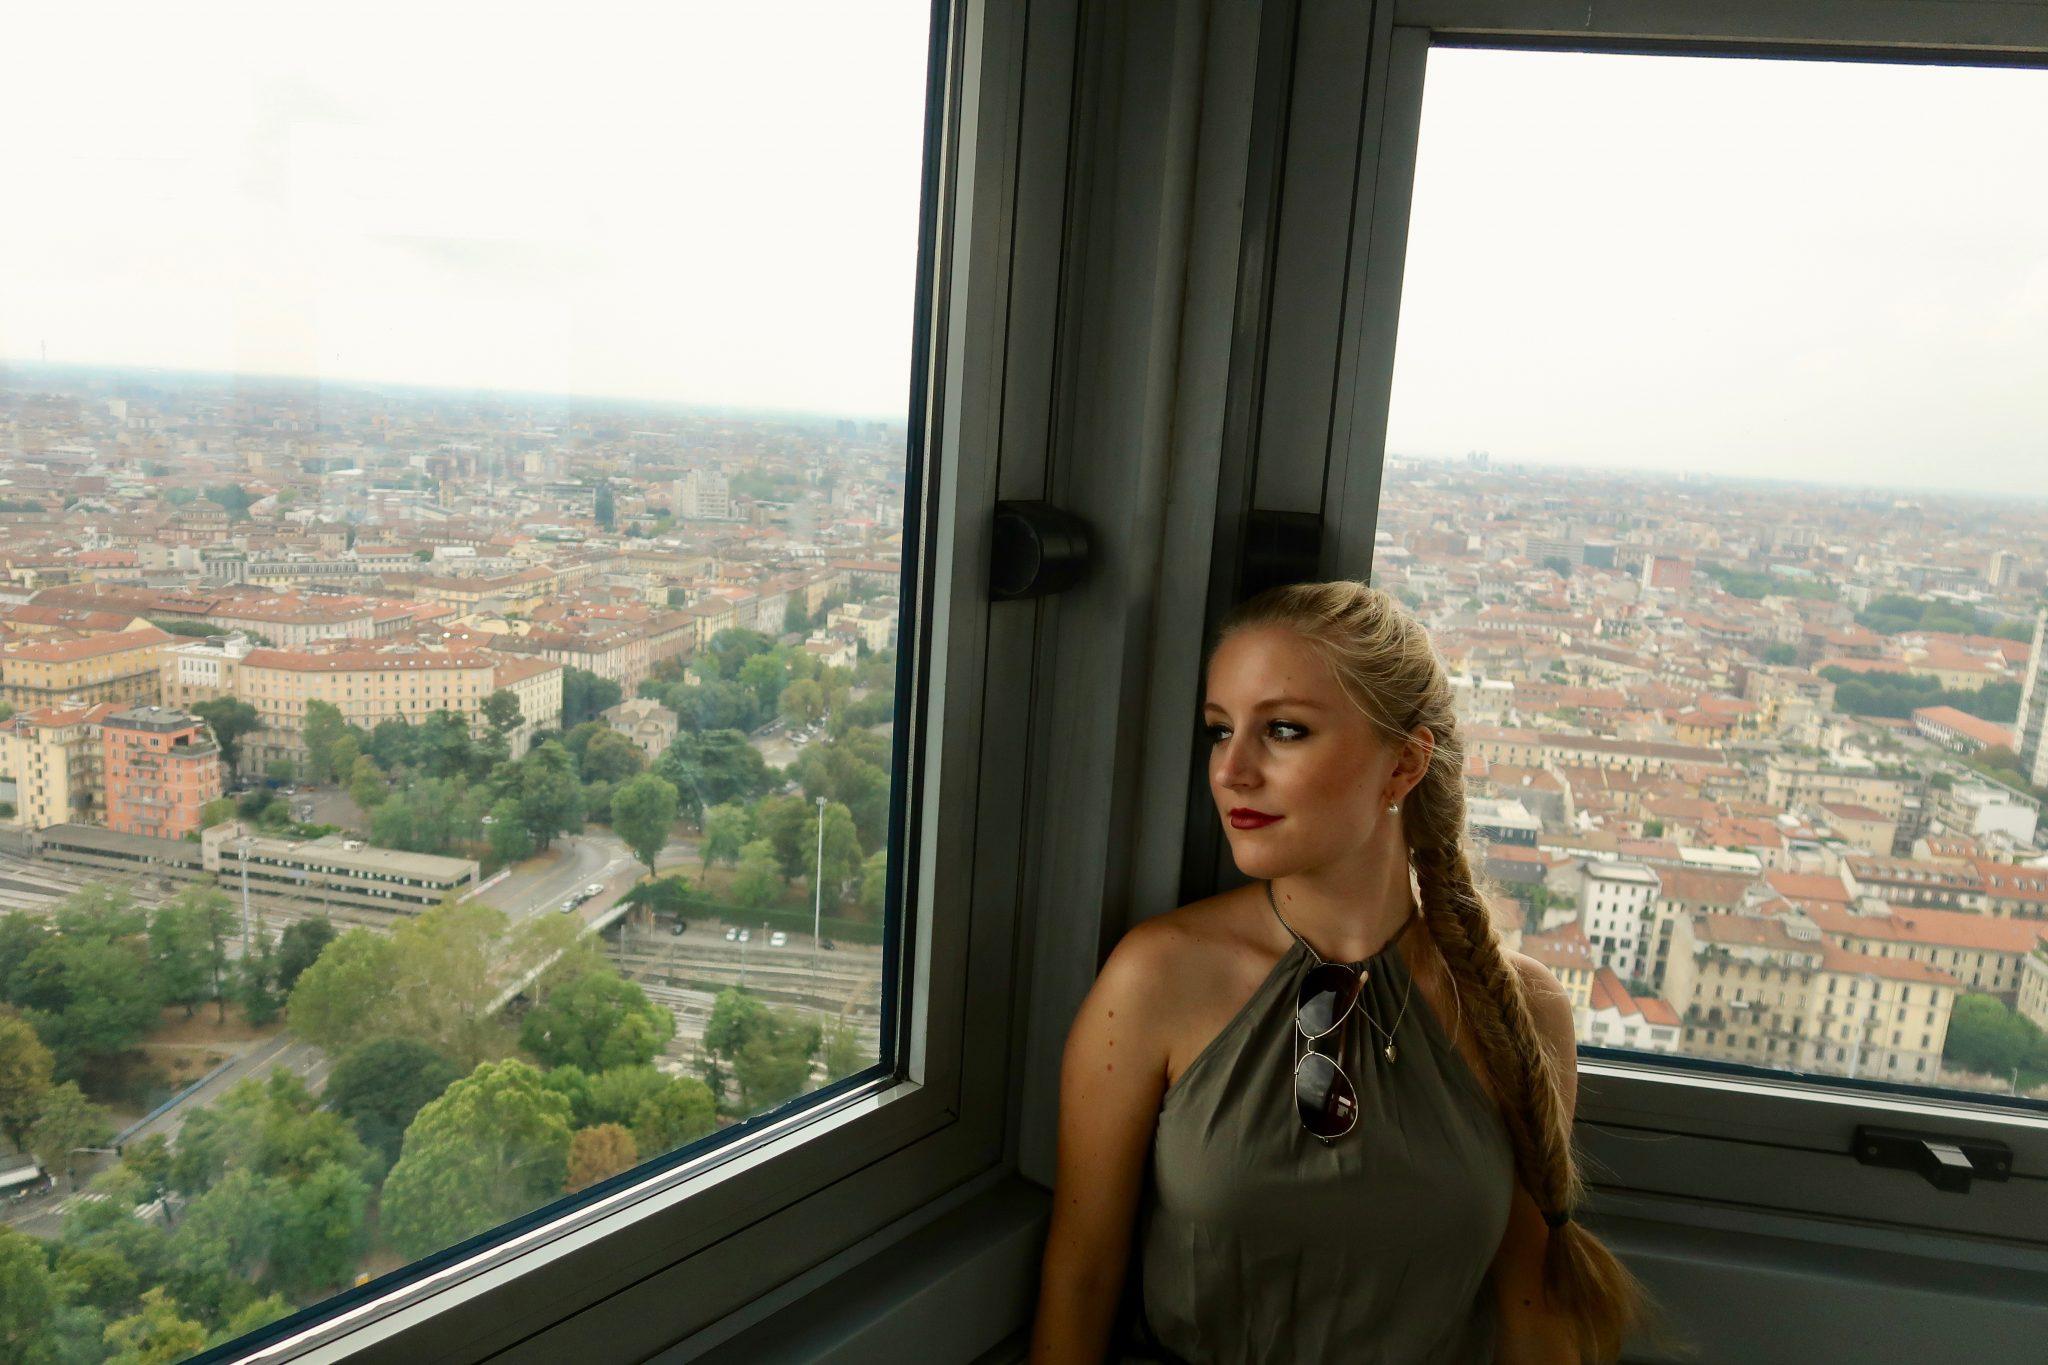 Mailand: Aussichtsturm Torre Branca (der einzige Nachteil ist, dass du dort oben nur 5 - 6 Minuten bleiben darfst)